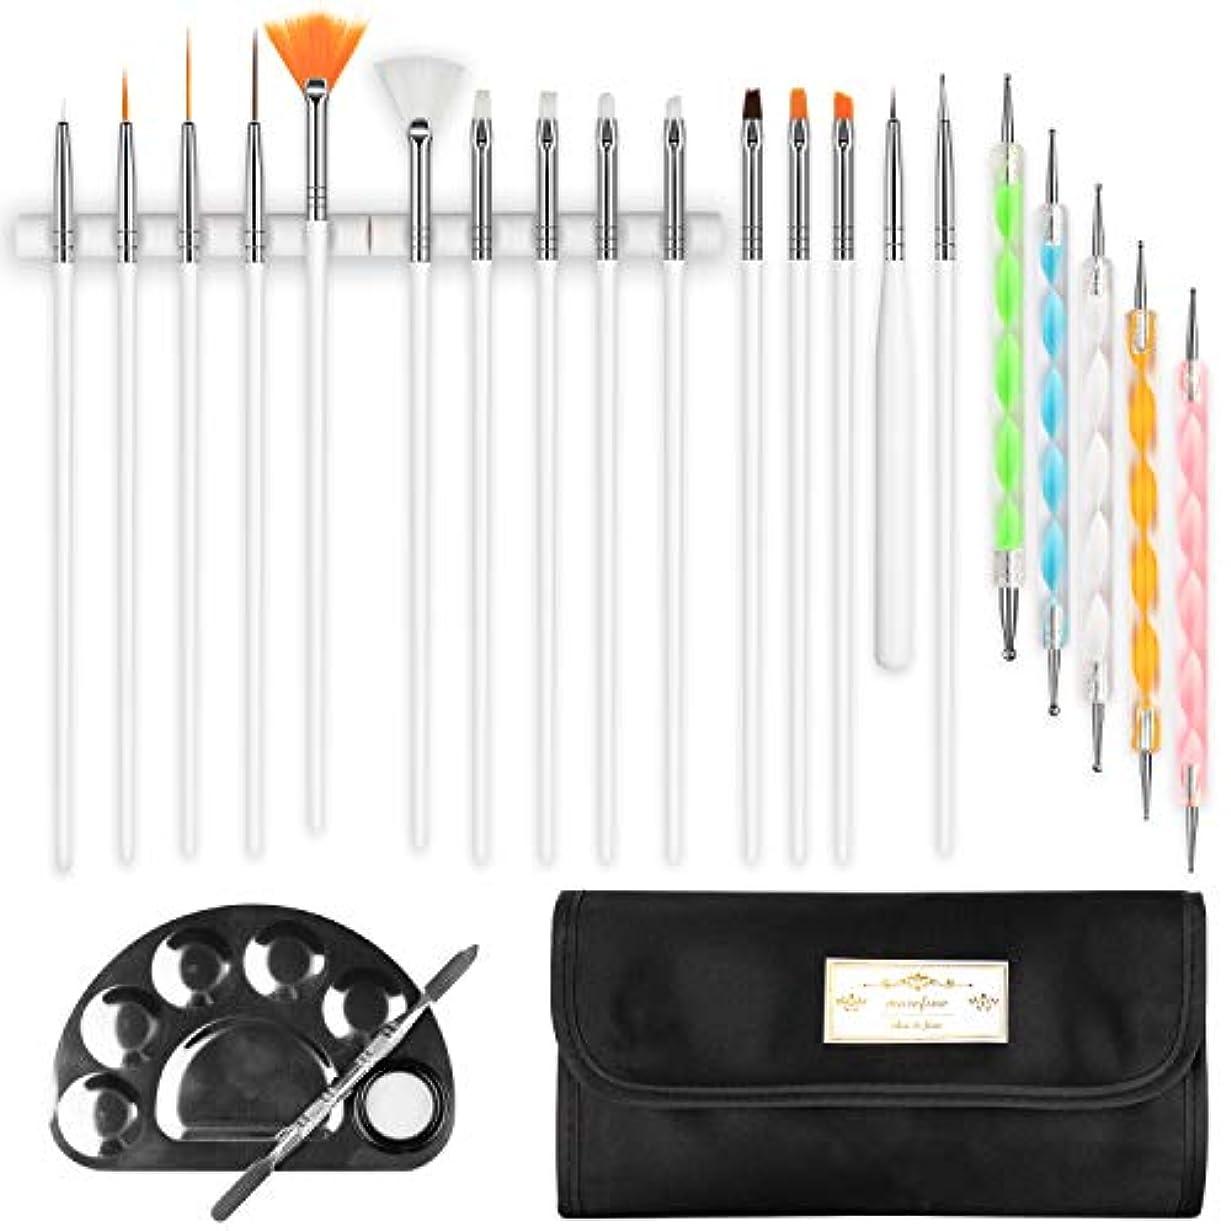 やさしい回想消えるMorefine ネイルブラシ ジェルネイル 筆 ネイル筆15本 カラードットペン5本 ネイルアートブラシ用ホルダー2本、パレット1個&取扱説明書付 初心者、プロにも最適